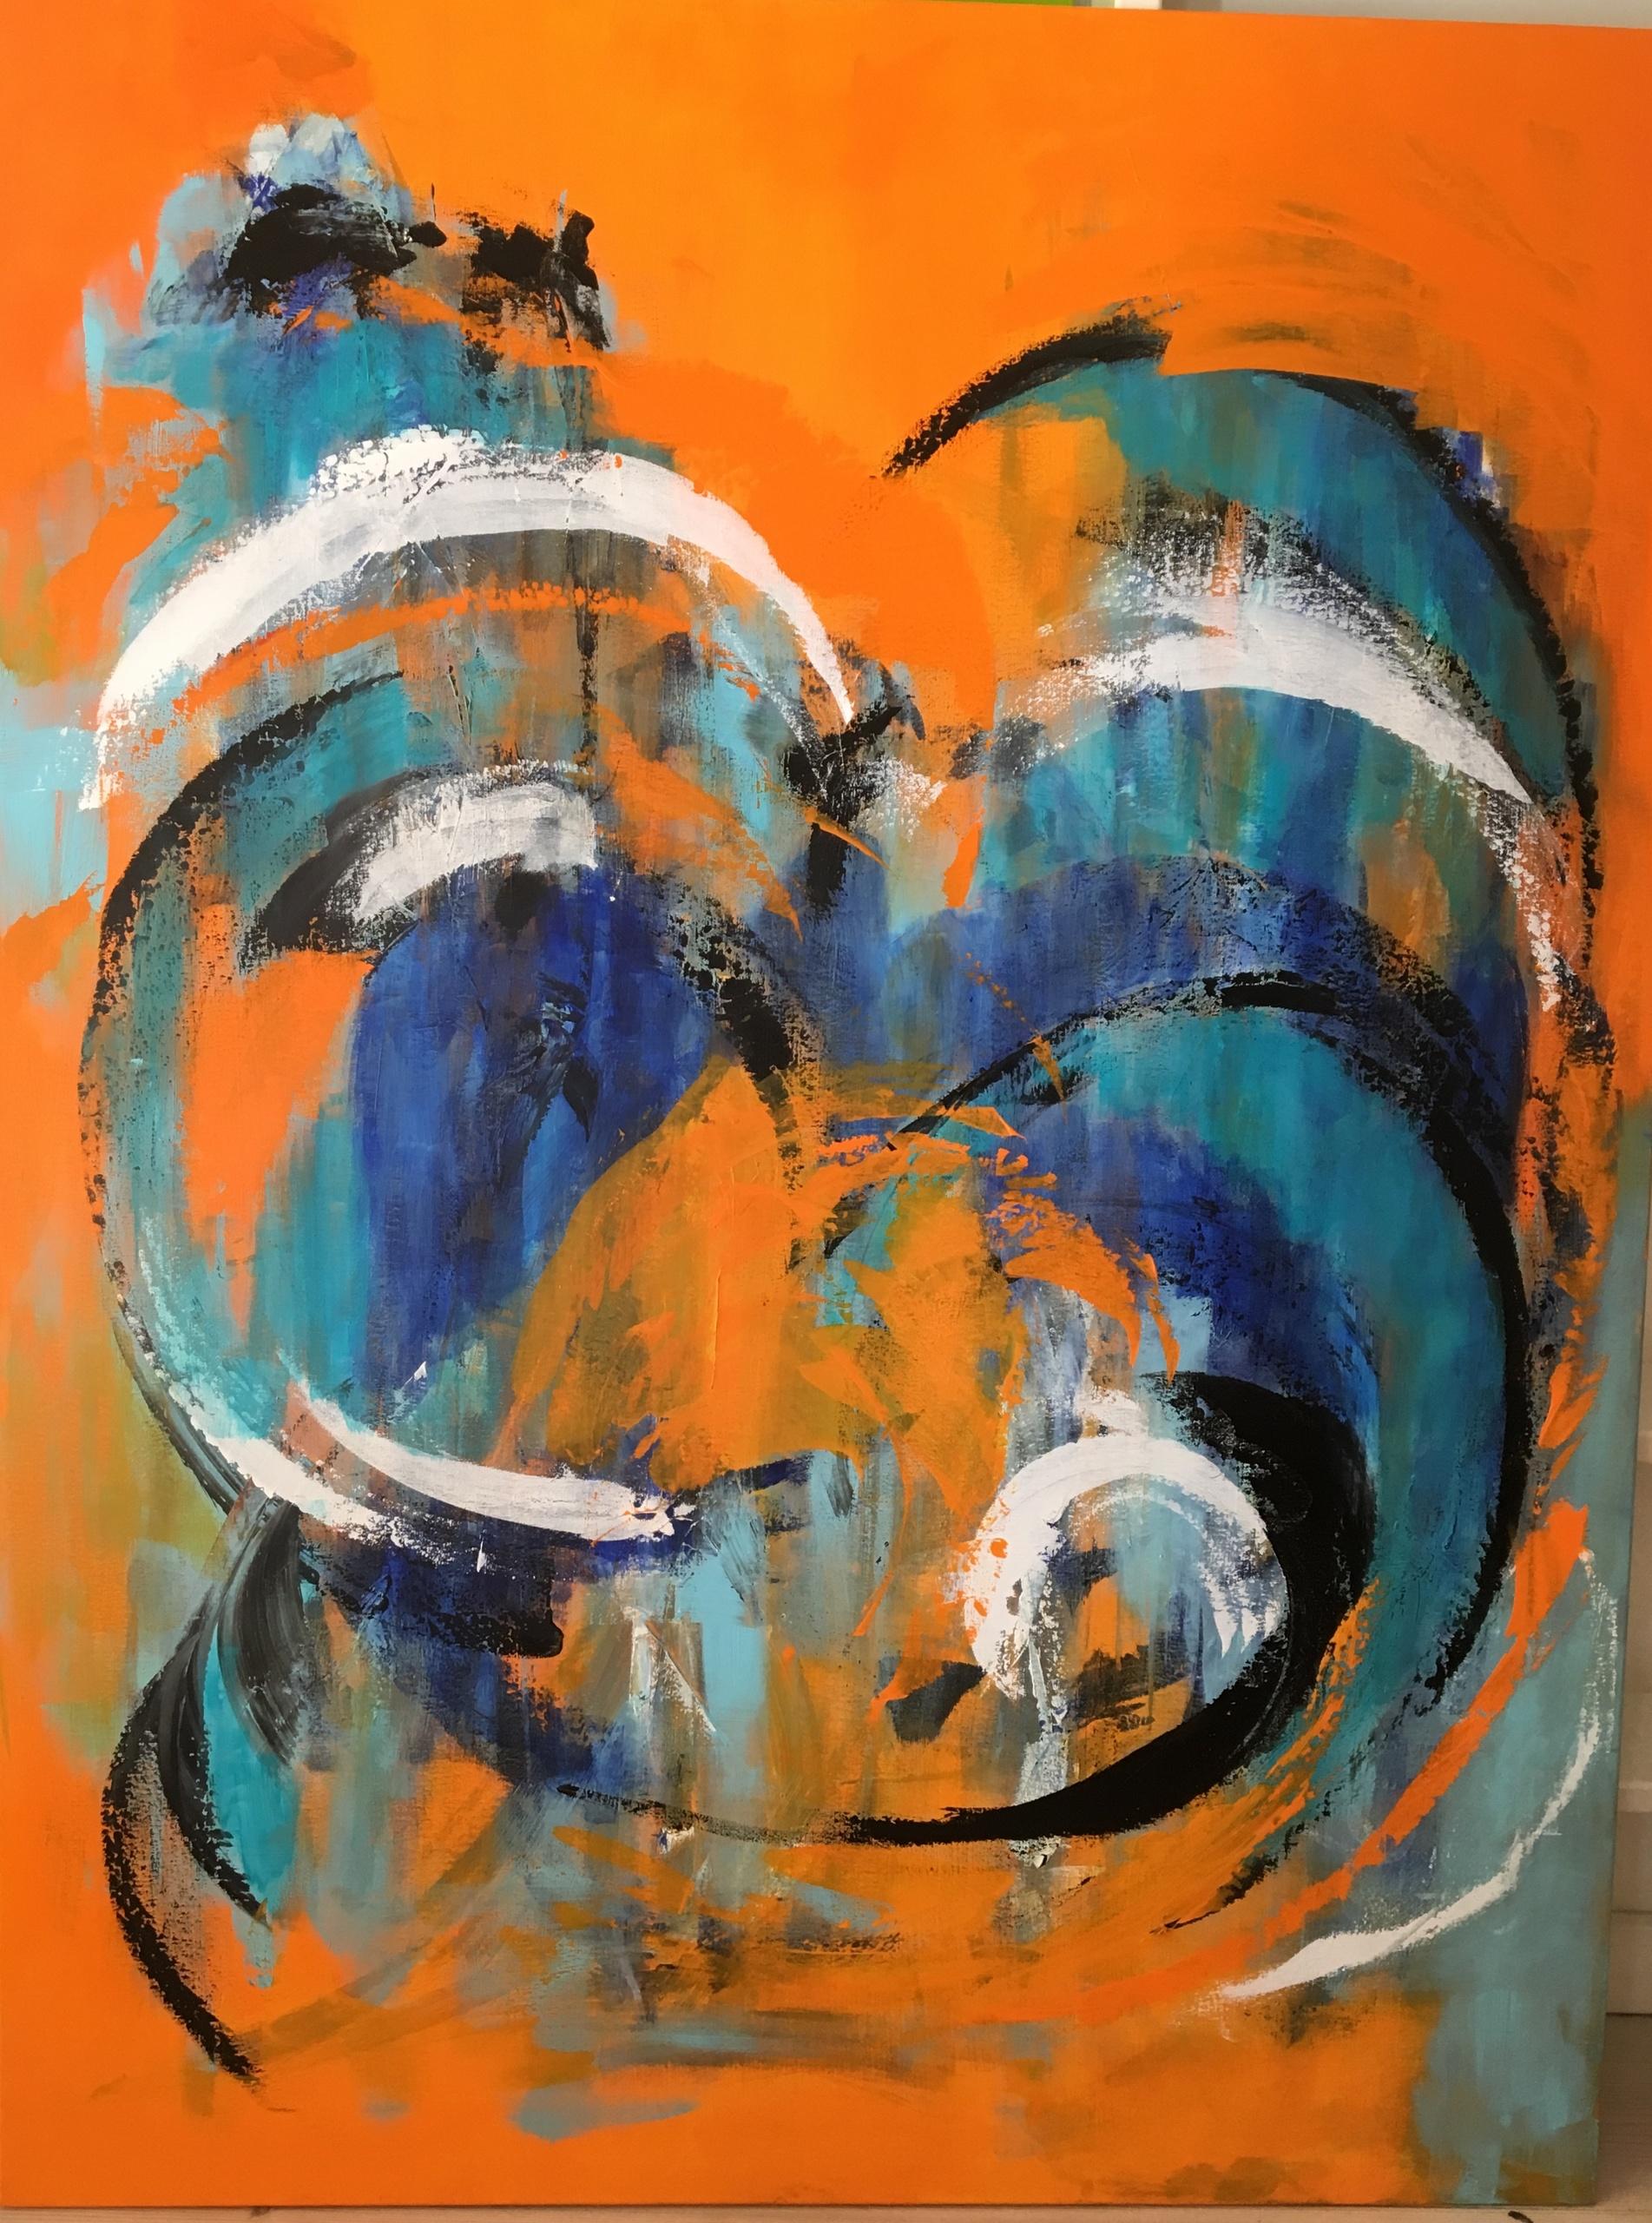 De cirkulære bevægelser giver både dynamik og harmoni i maleriet.